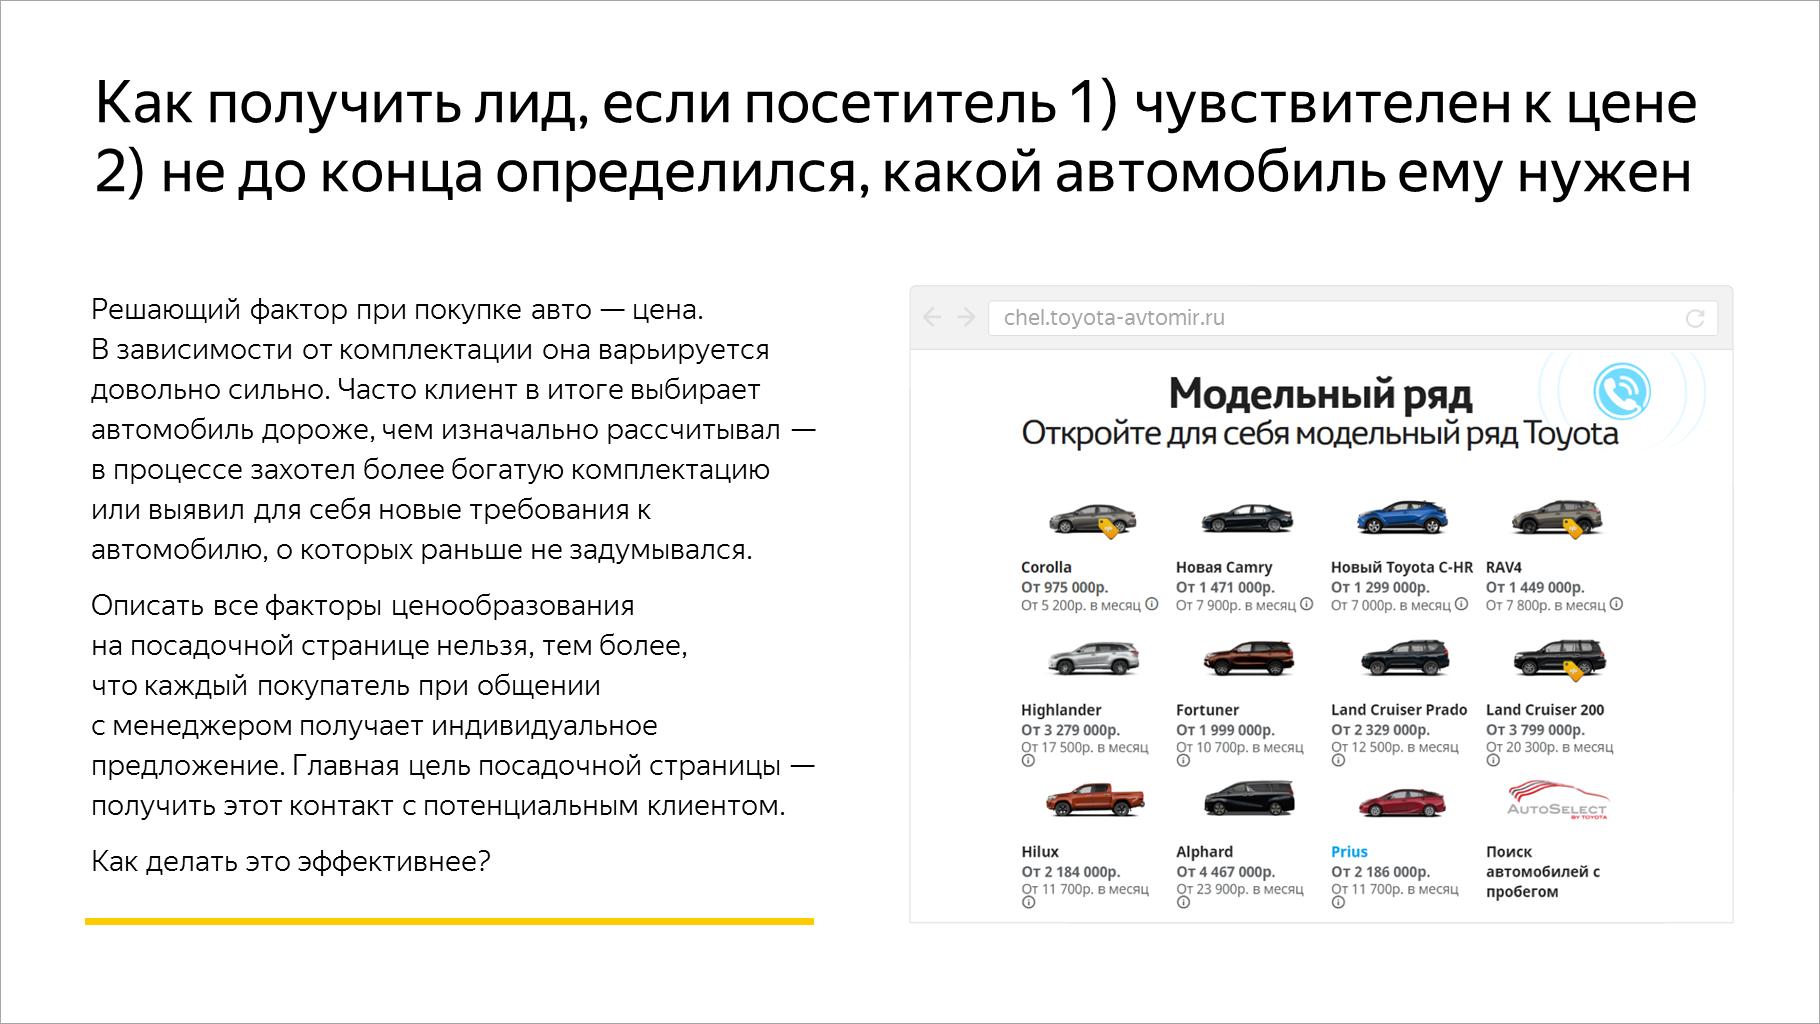 Как получить лид, если посетитель 1) чувствителен к цене 2) не до конца определился, какой автомобиль ему нужен